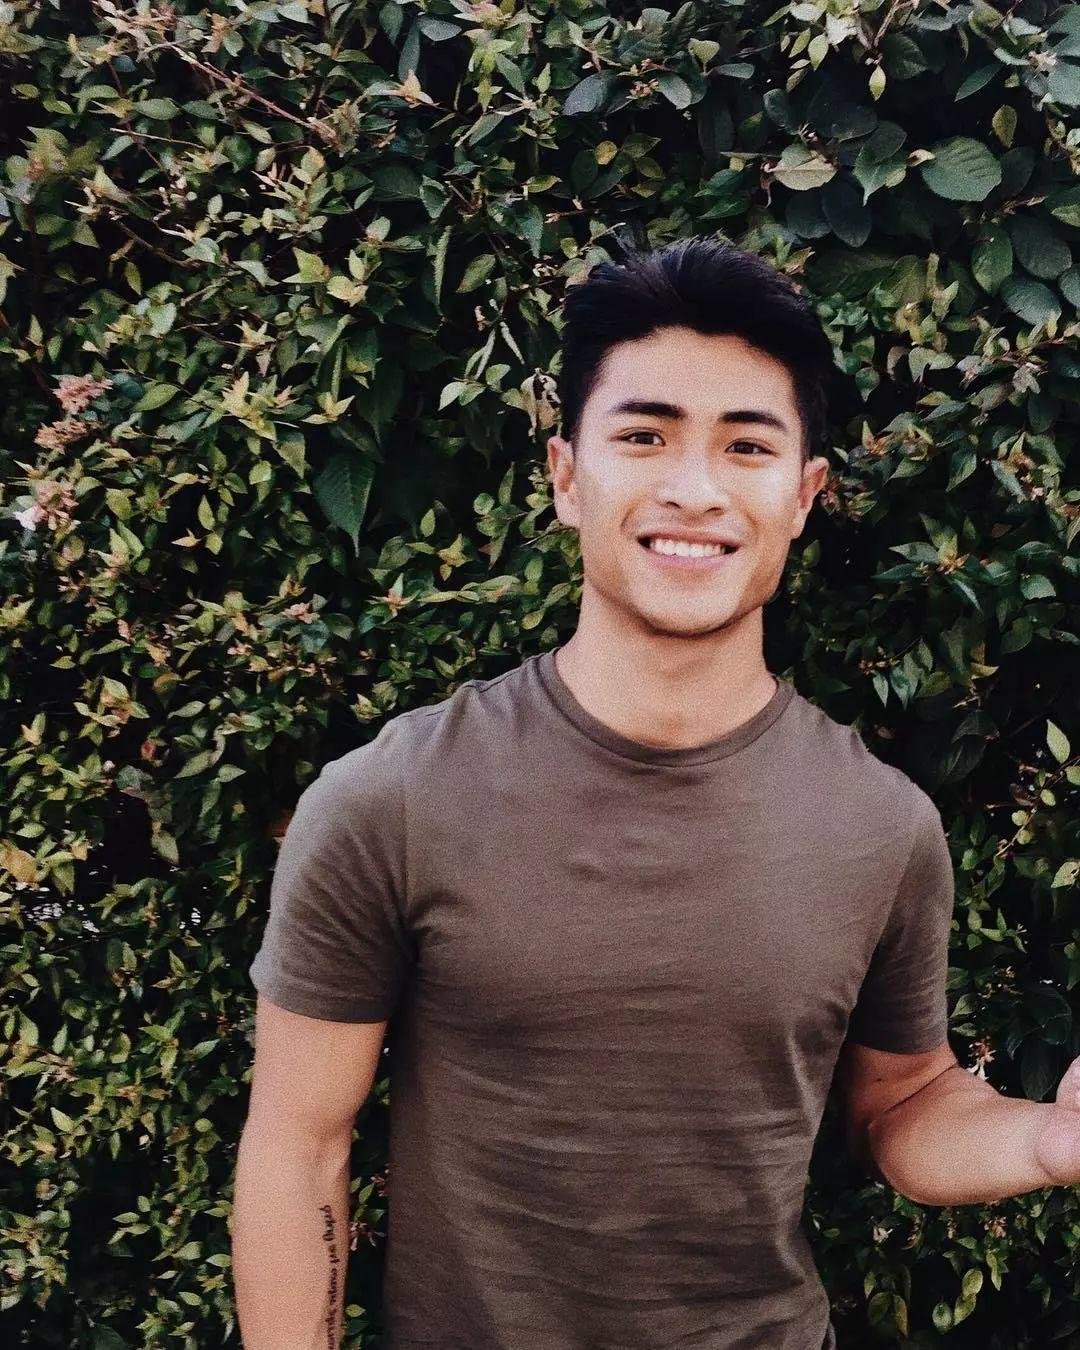 他成为首位登上杂志的亚洲男模,这套写真刷屏了朋友圈!